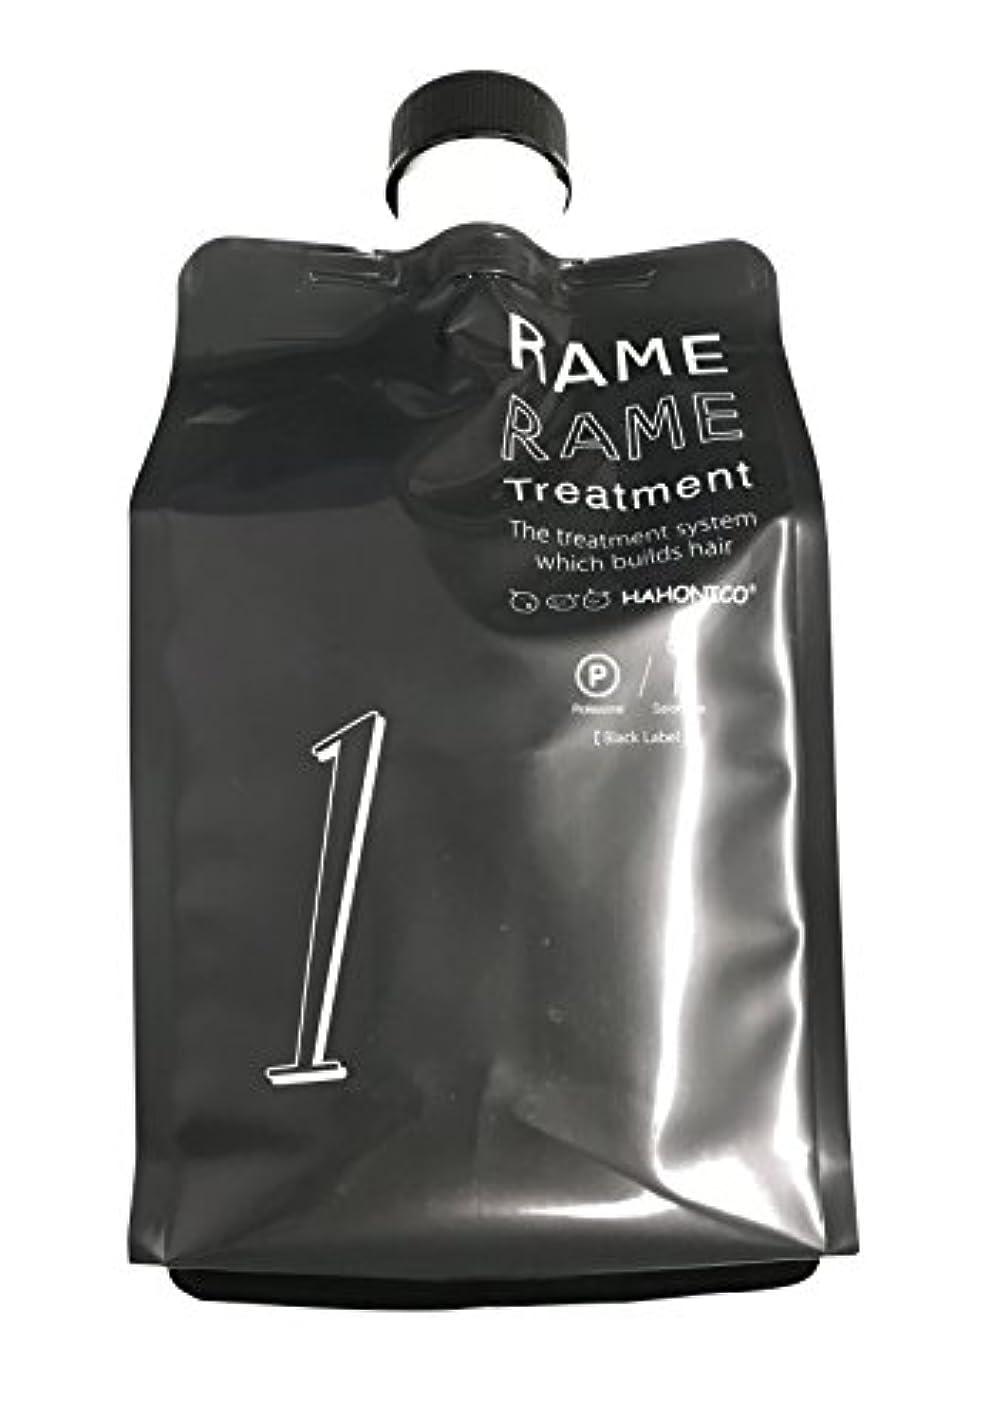 試み低下回路ハホニコ (HAHONICO) ザラメラメ No.1 Black Label 1000g